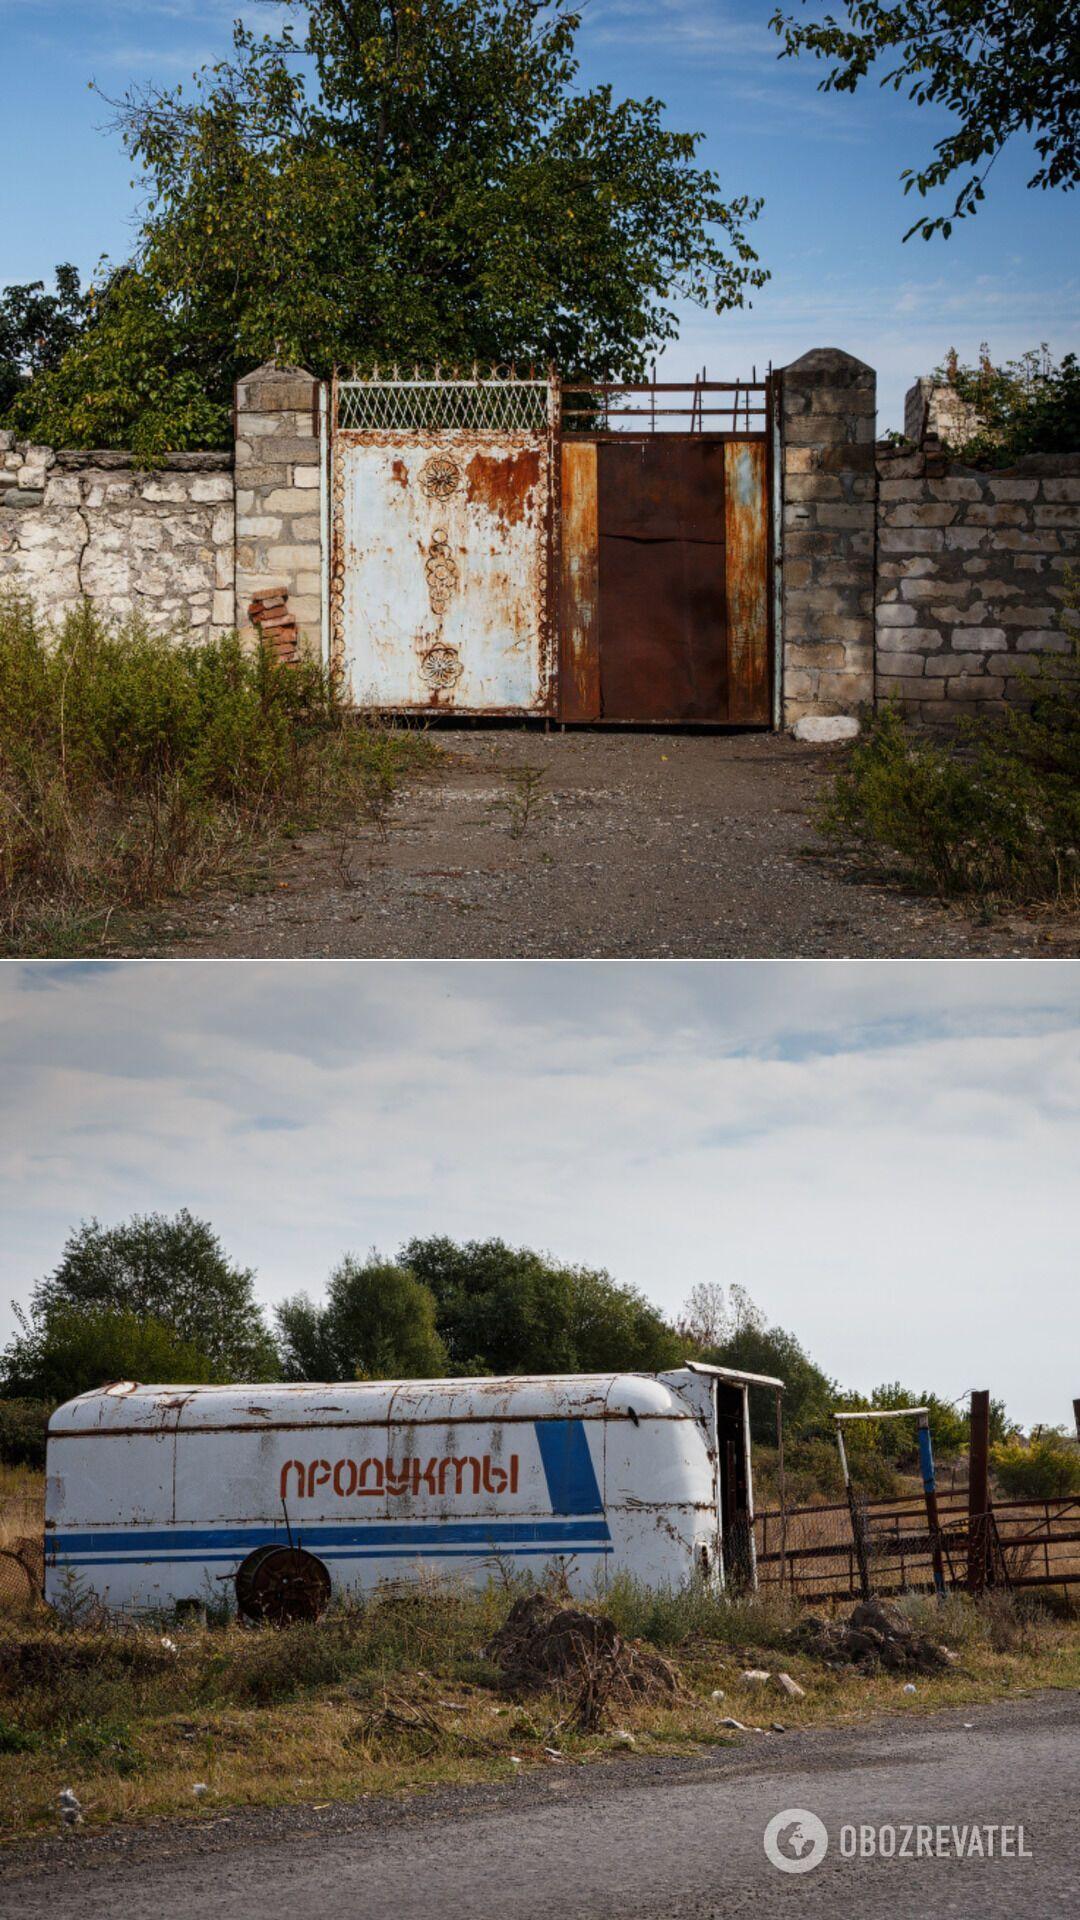 На околиці Агдаму розташована велика вірменська військова частина, а серед руїн постійно проживає декілька десятків людей, більшість із яких розбирає нечисленні залишені від будинків стіни на будівельні матеріали